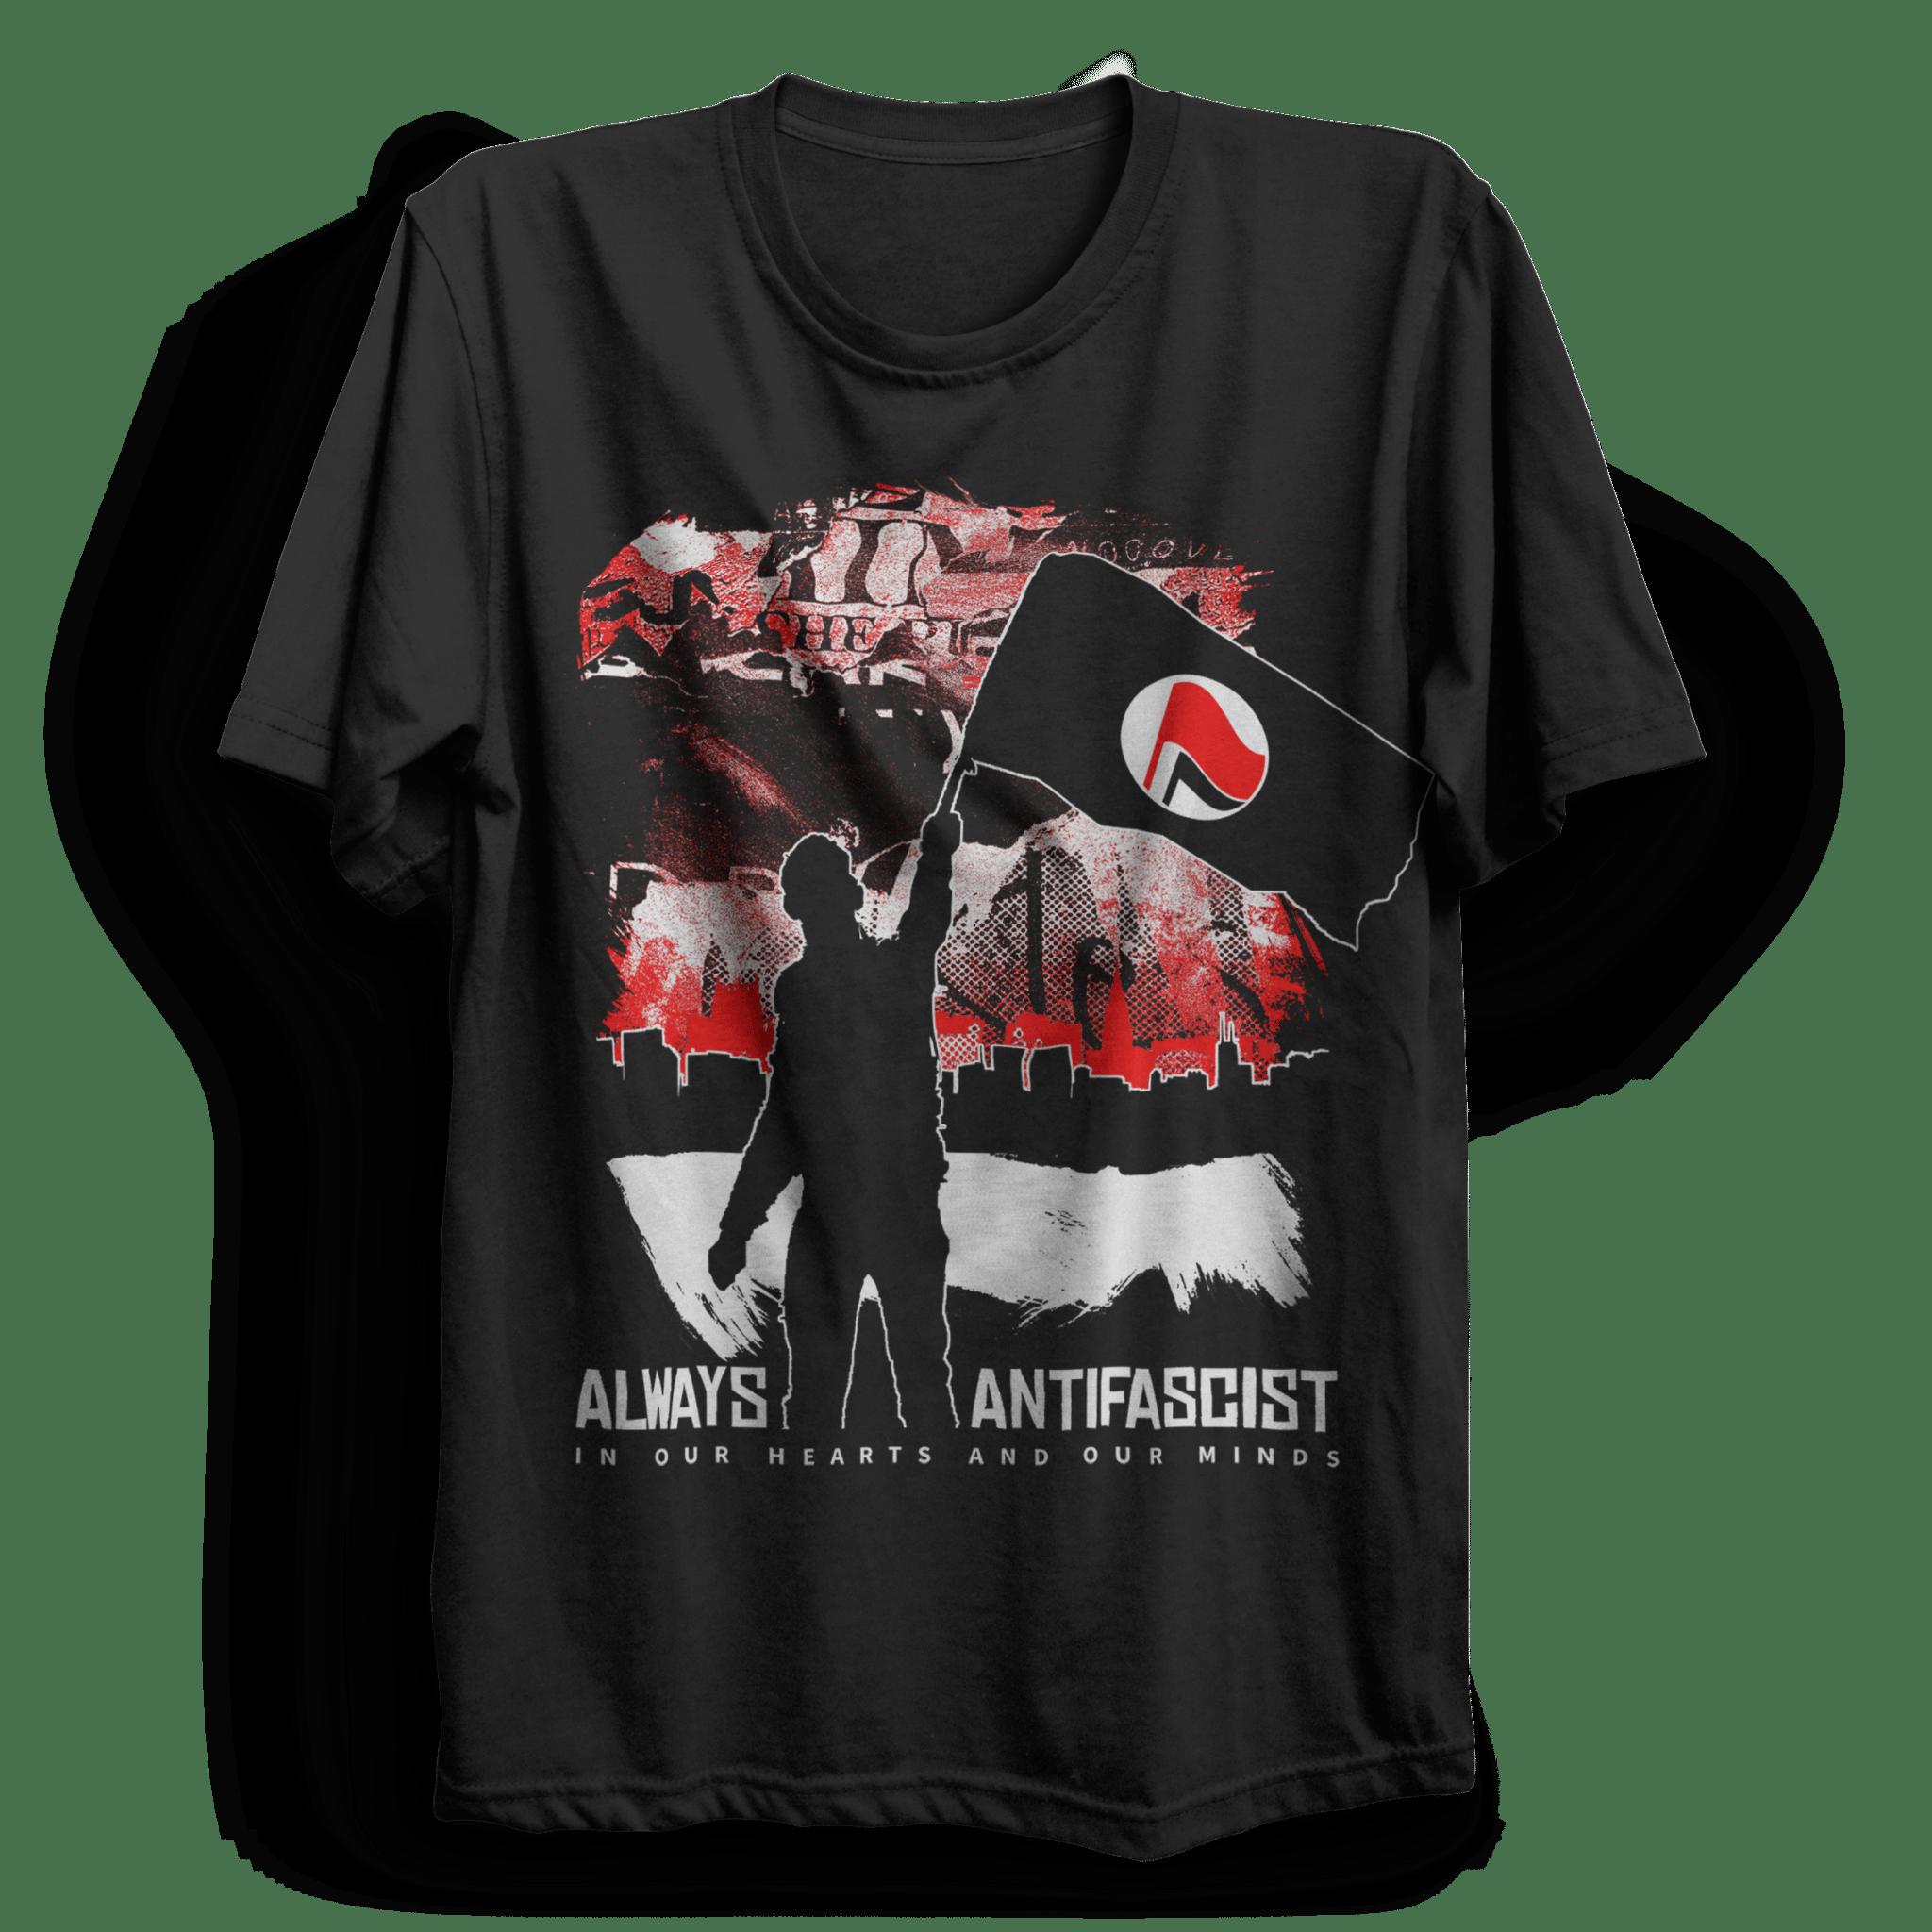 Always Antifascist T Shirt - PUNX.UK